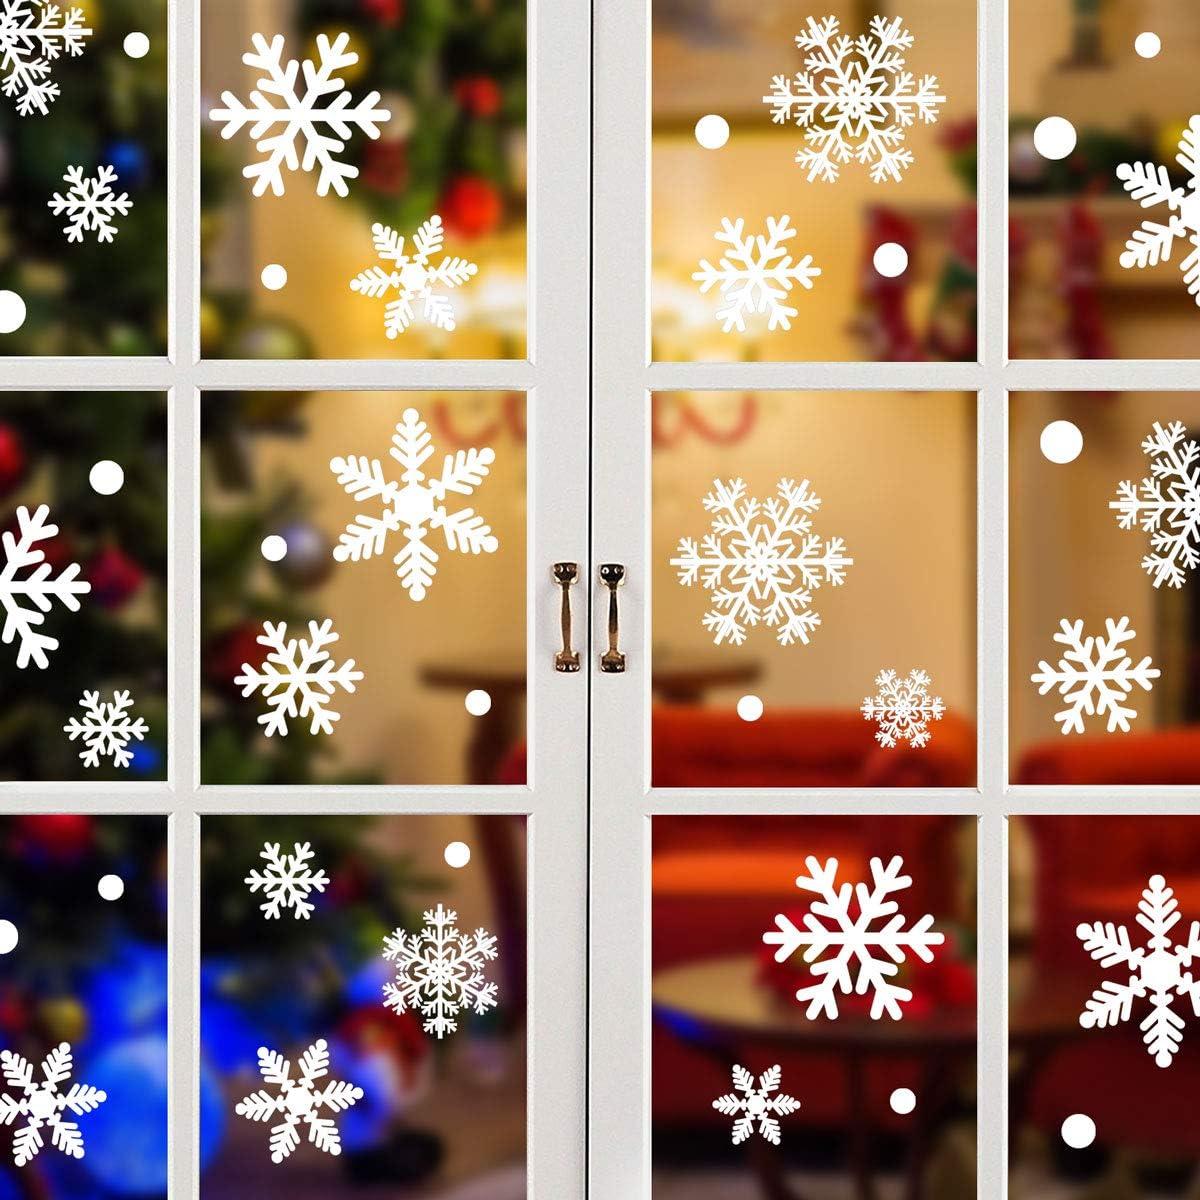 Yuson Girl 192 PCS Lote Copos de Nieve Pegatinas Navidad Ventana Reutilizable Decoracion Navidad Exterior Interior Murales Decorativos Adornos de Pared Puerta para Fiesta Tienda Casa